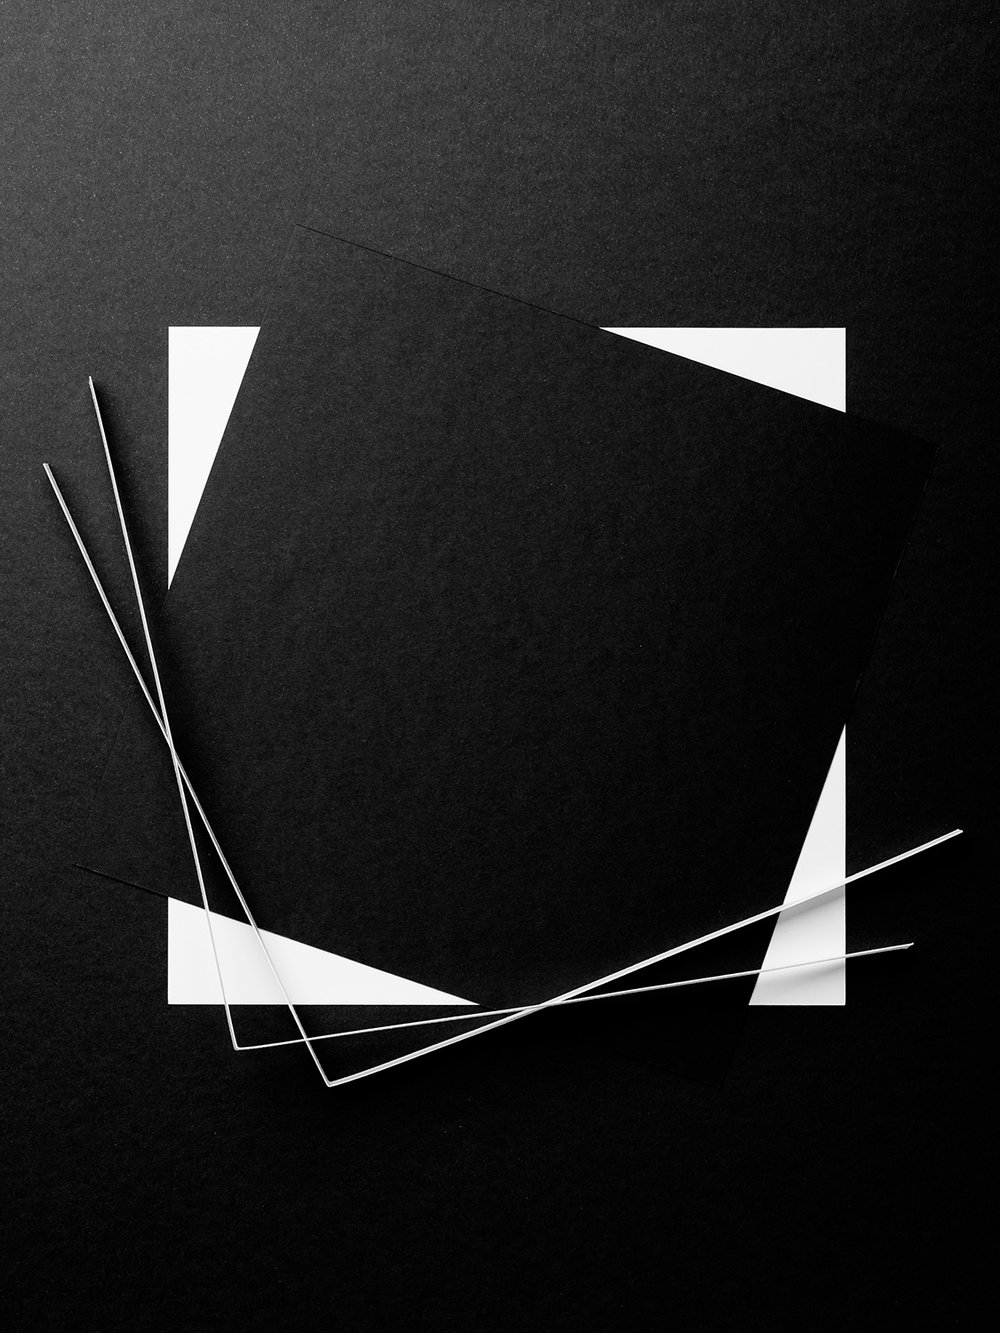 Paper-Sheet-07.jpg